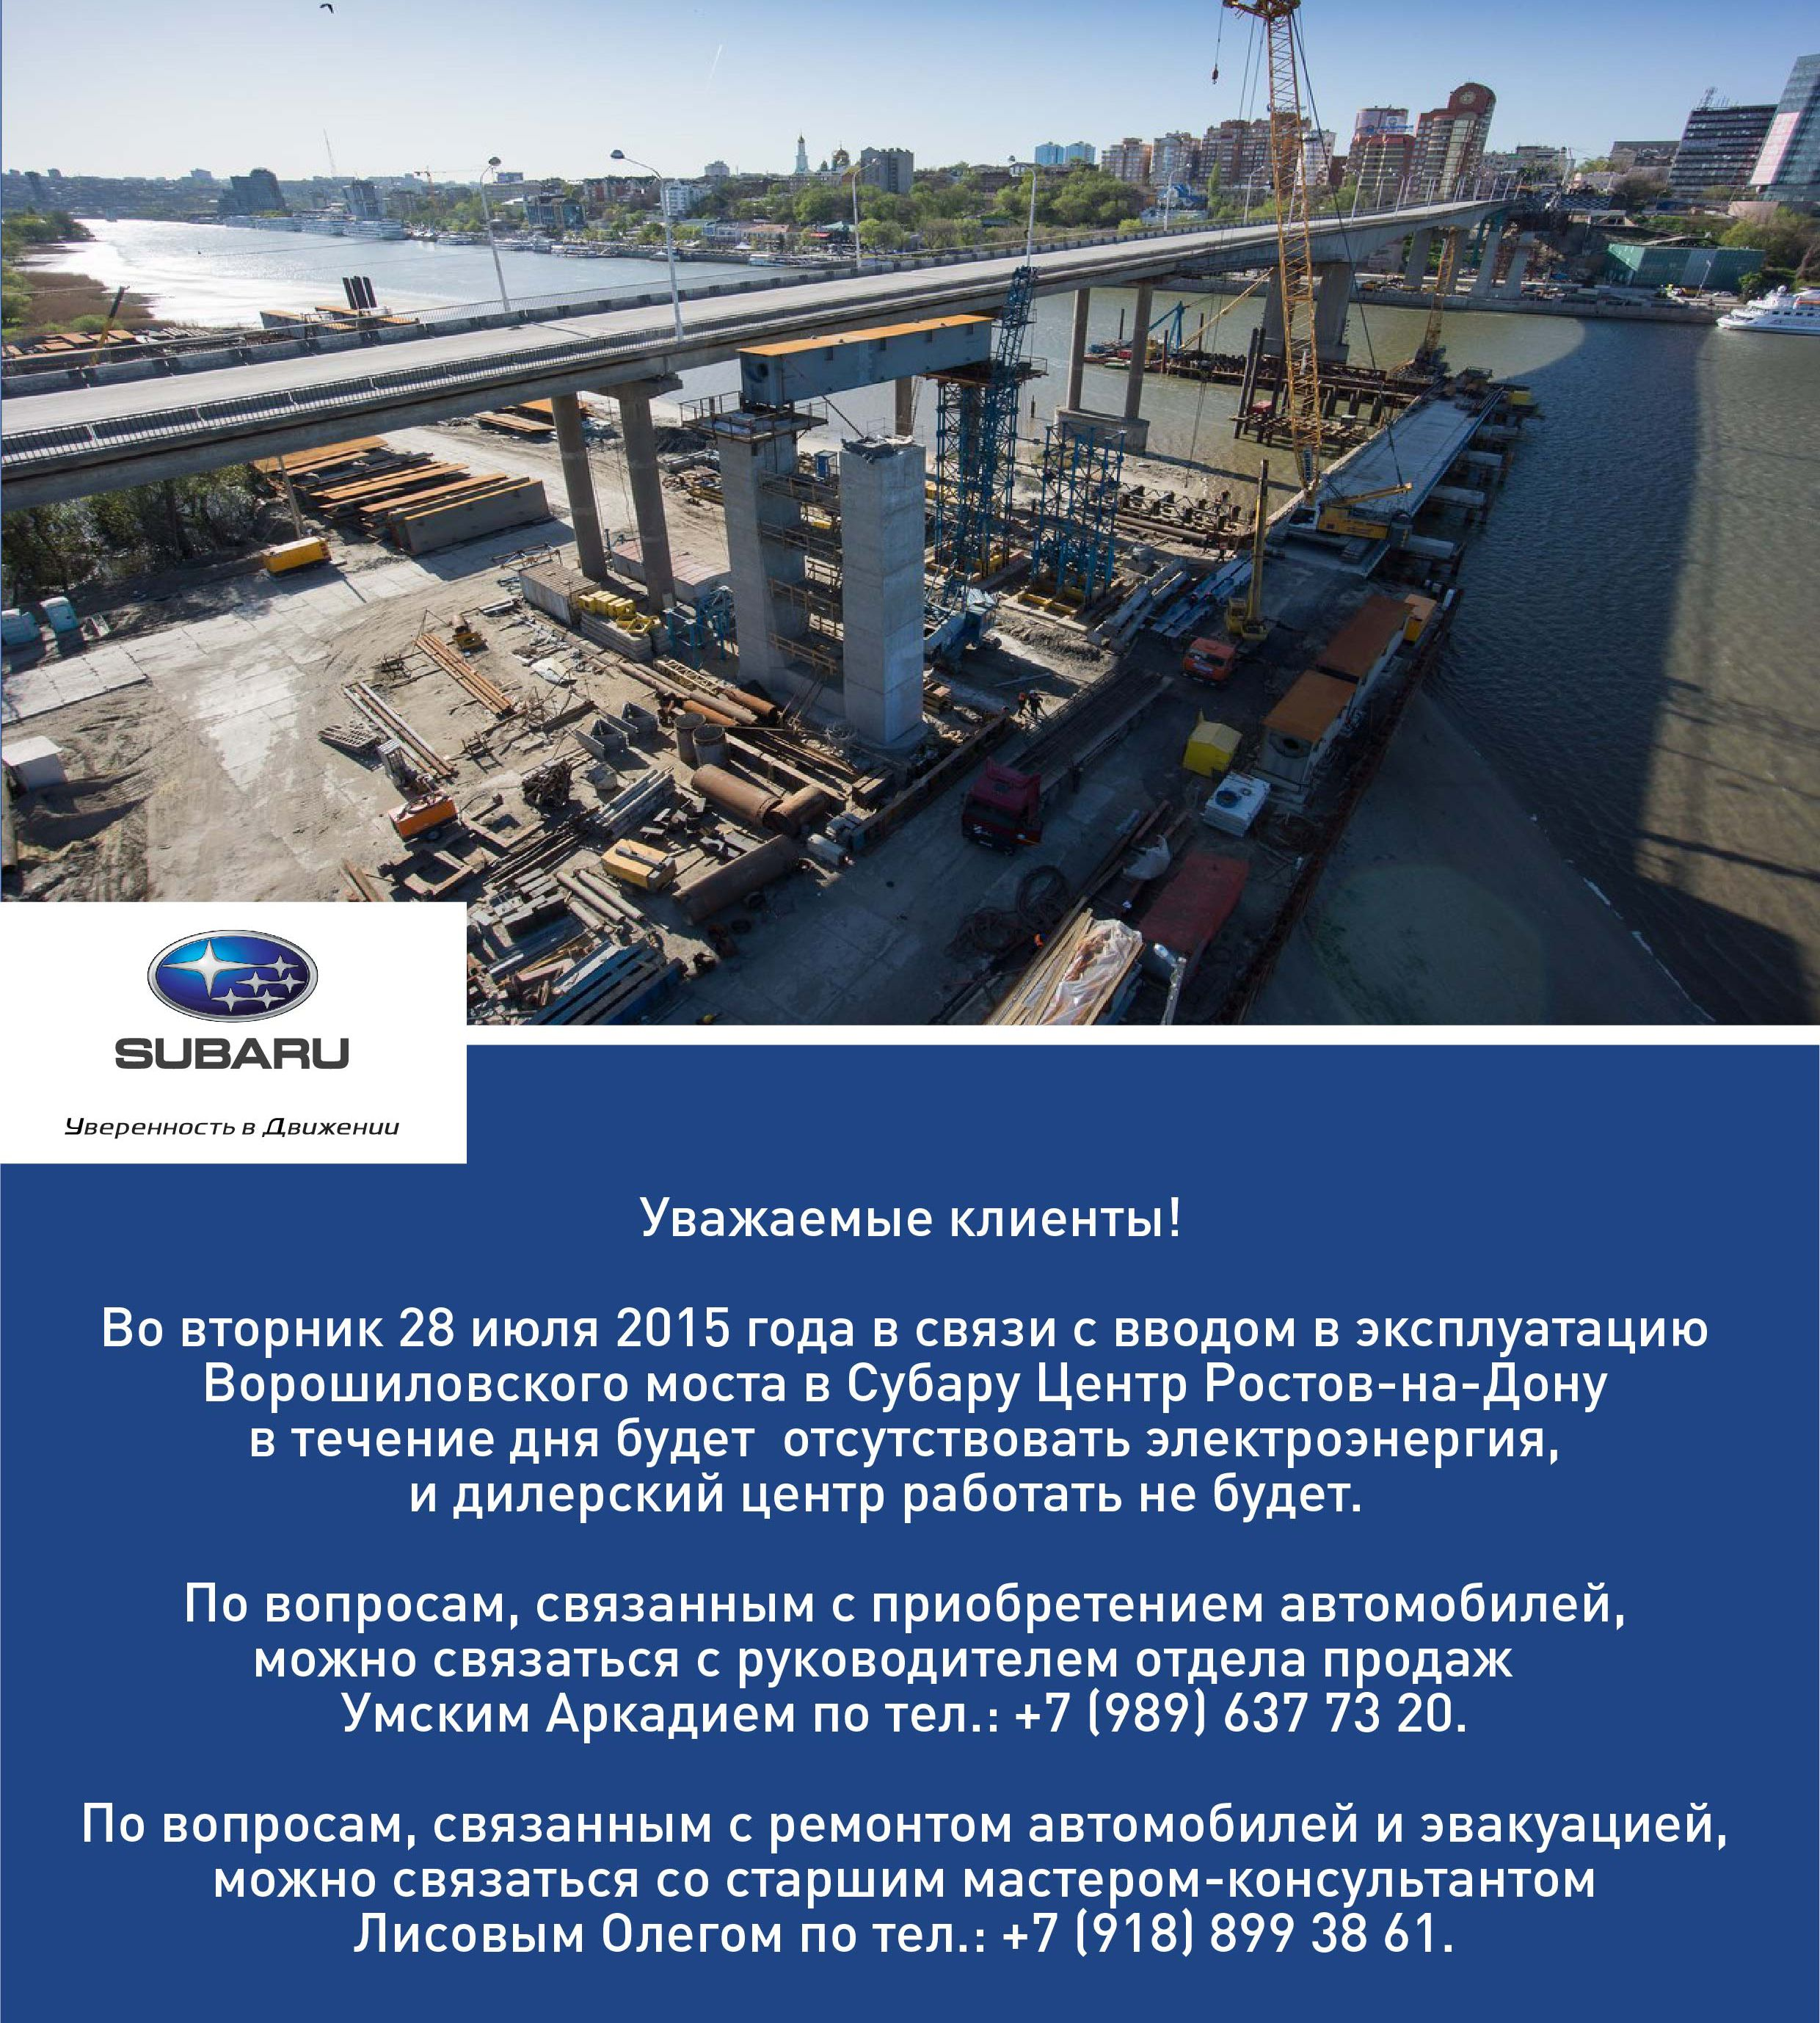 28 июля 2015 года Субару Центр Ростов-на-Дону по техническим причинам не работает